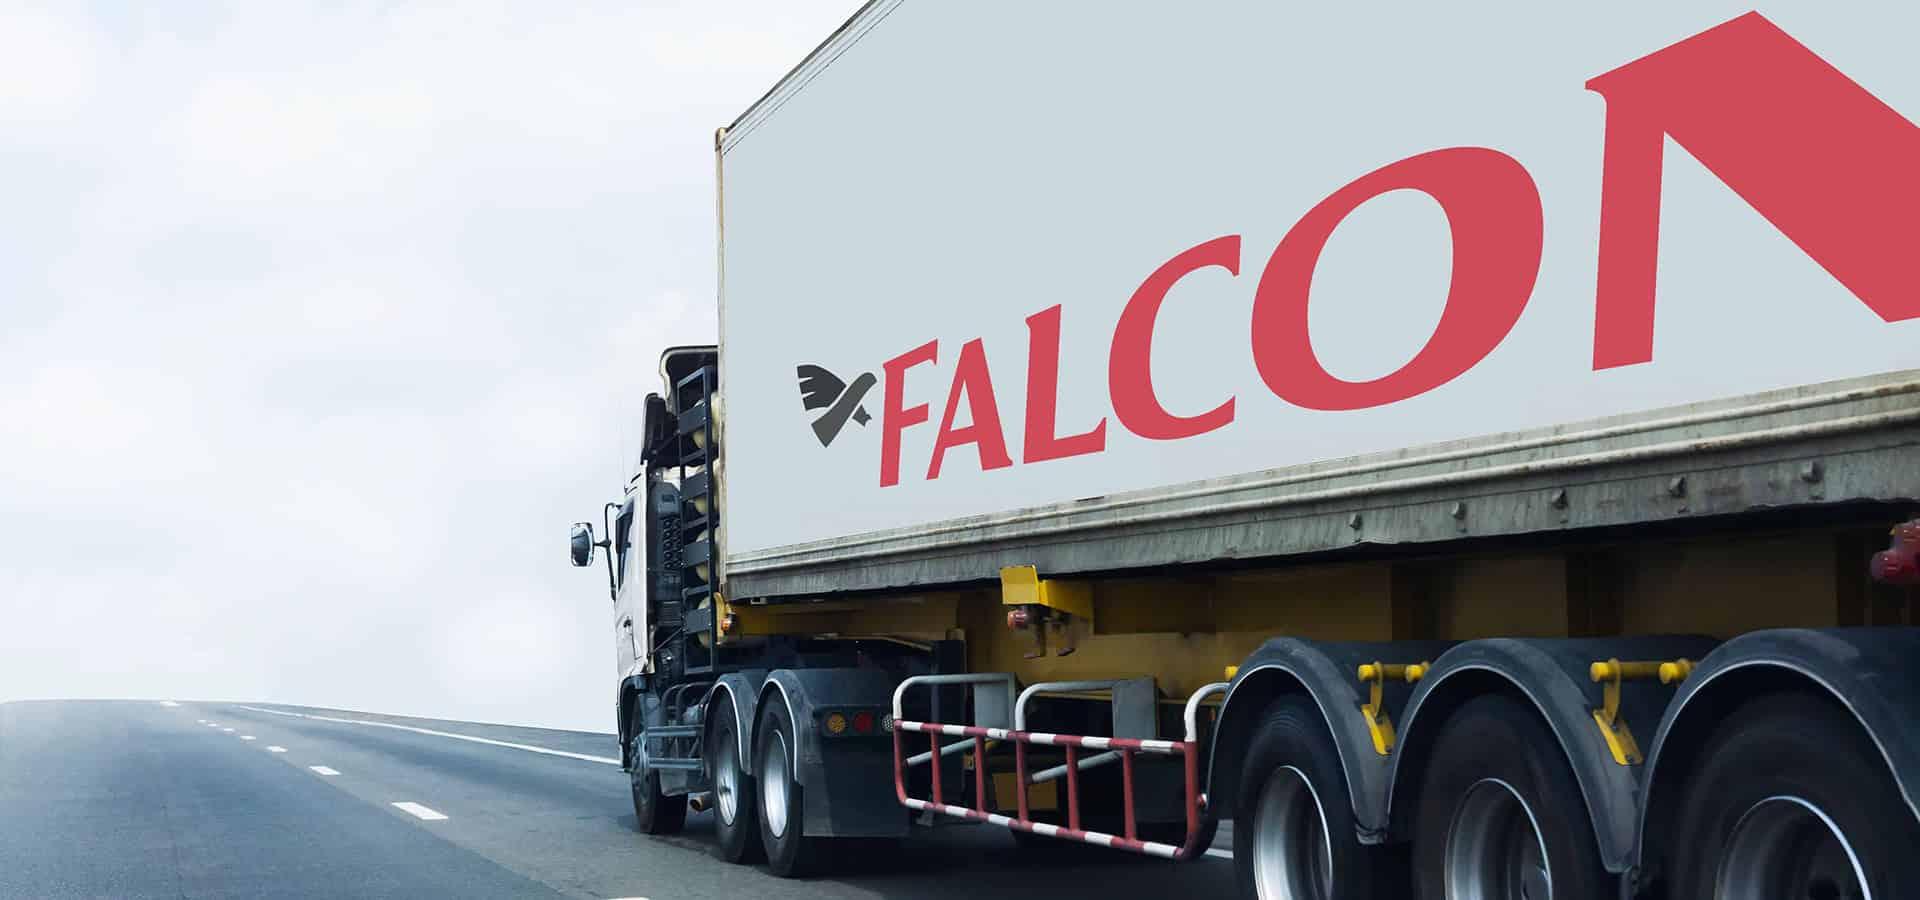 Falcon Truck